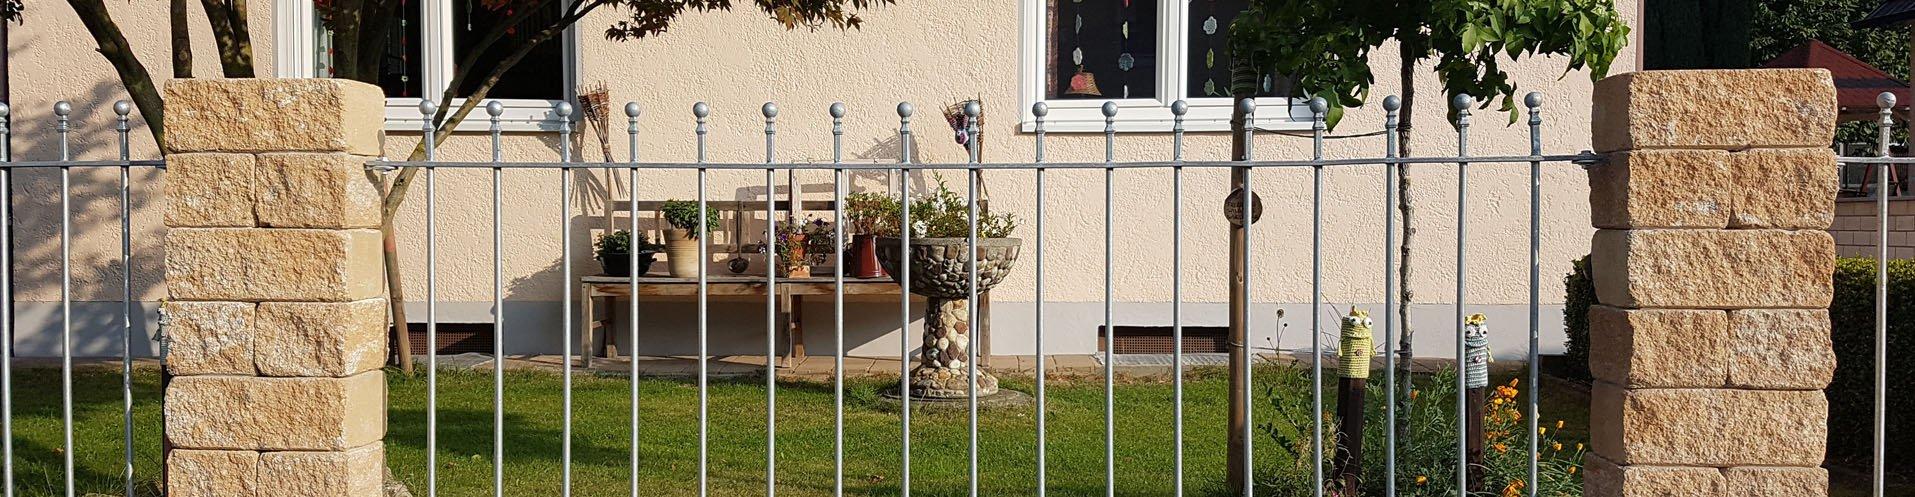 Gartenzäune aus Stahl verzinkt